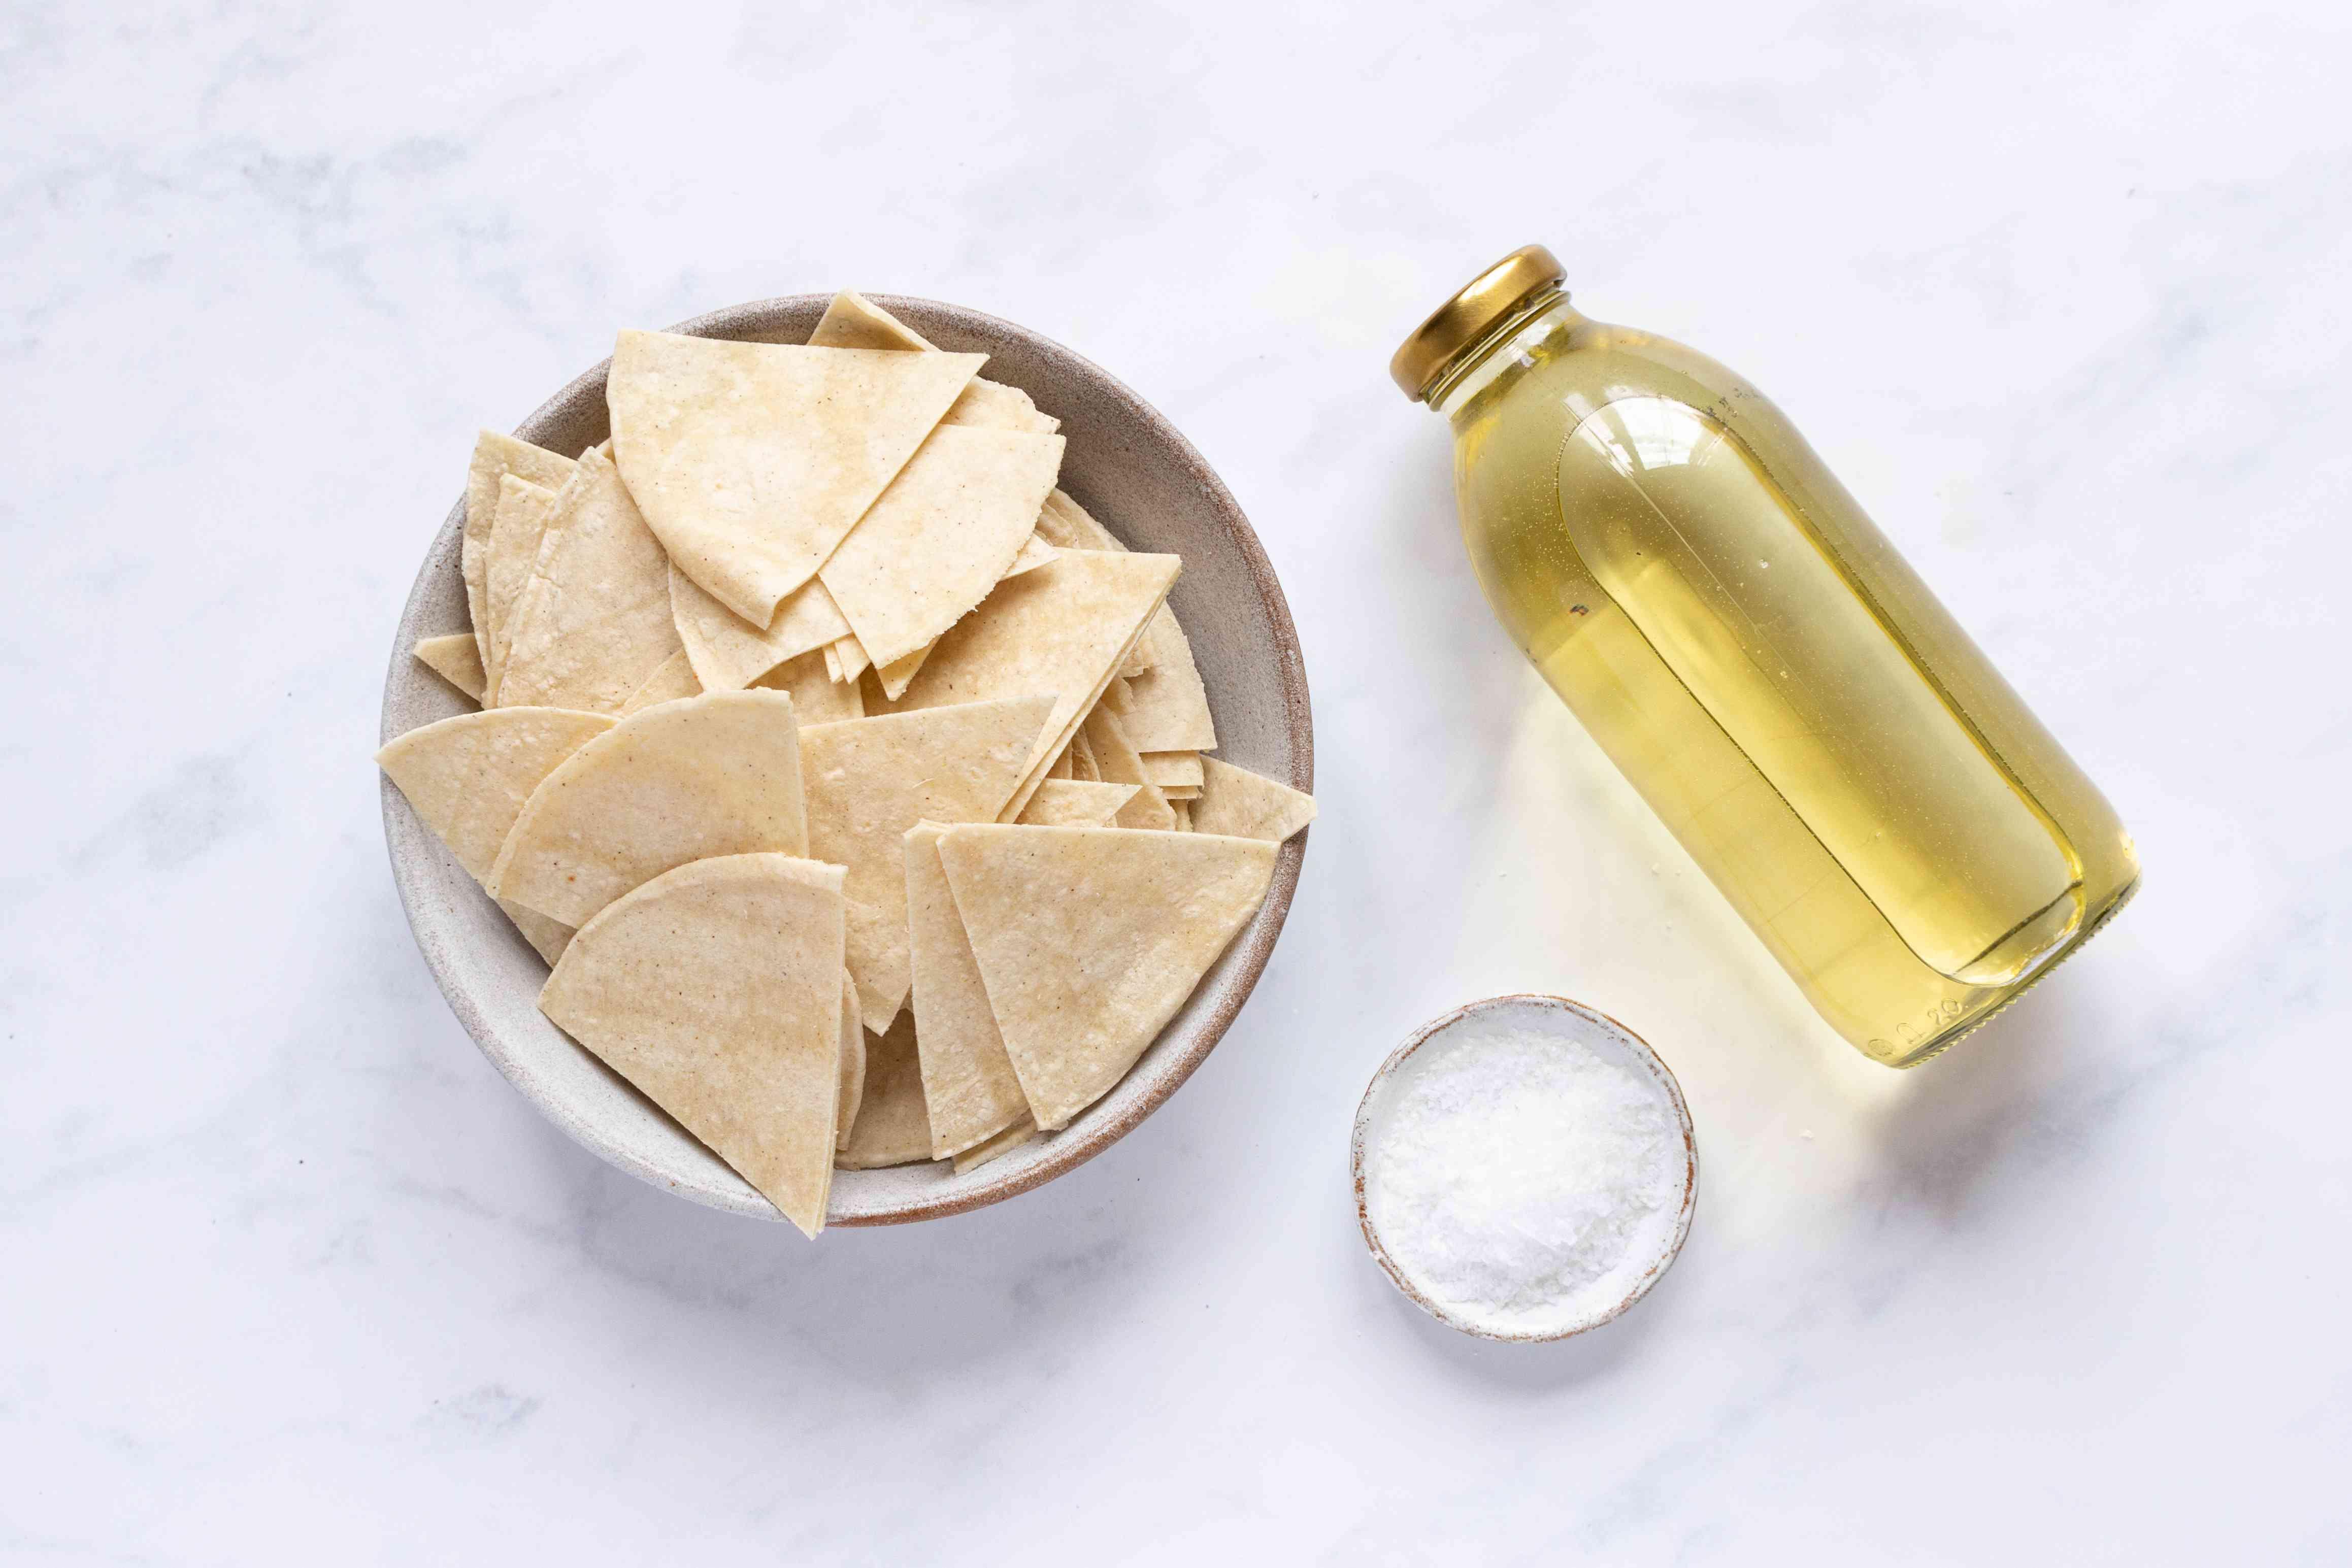 Pan-Frying Totopos ingredients